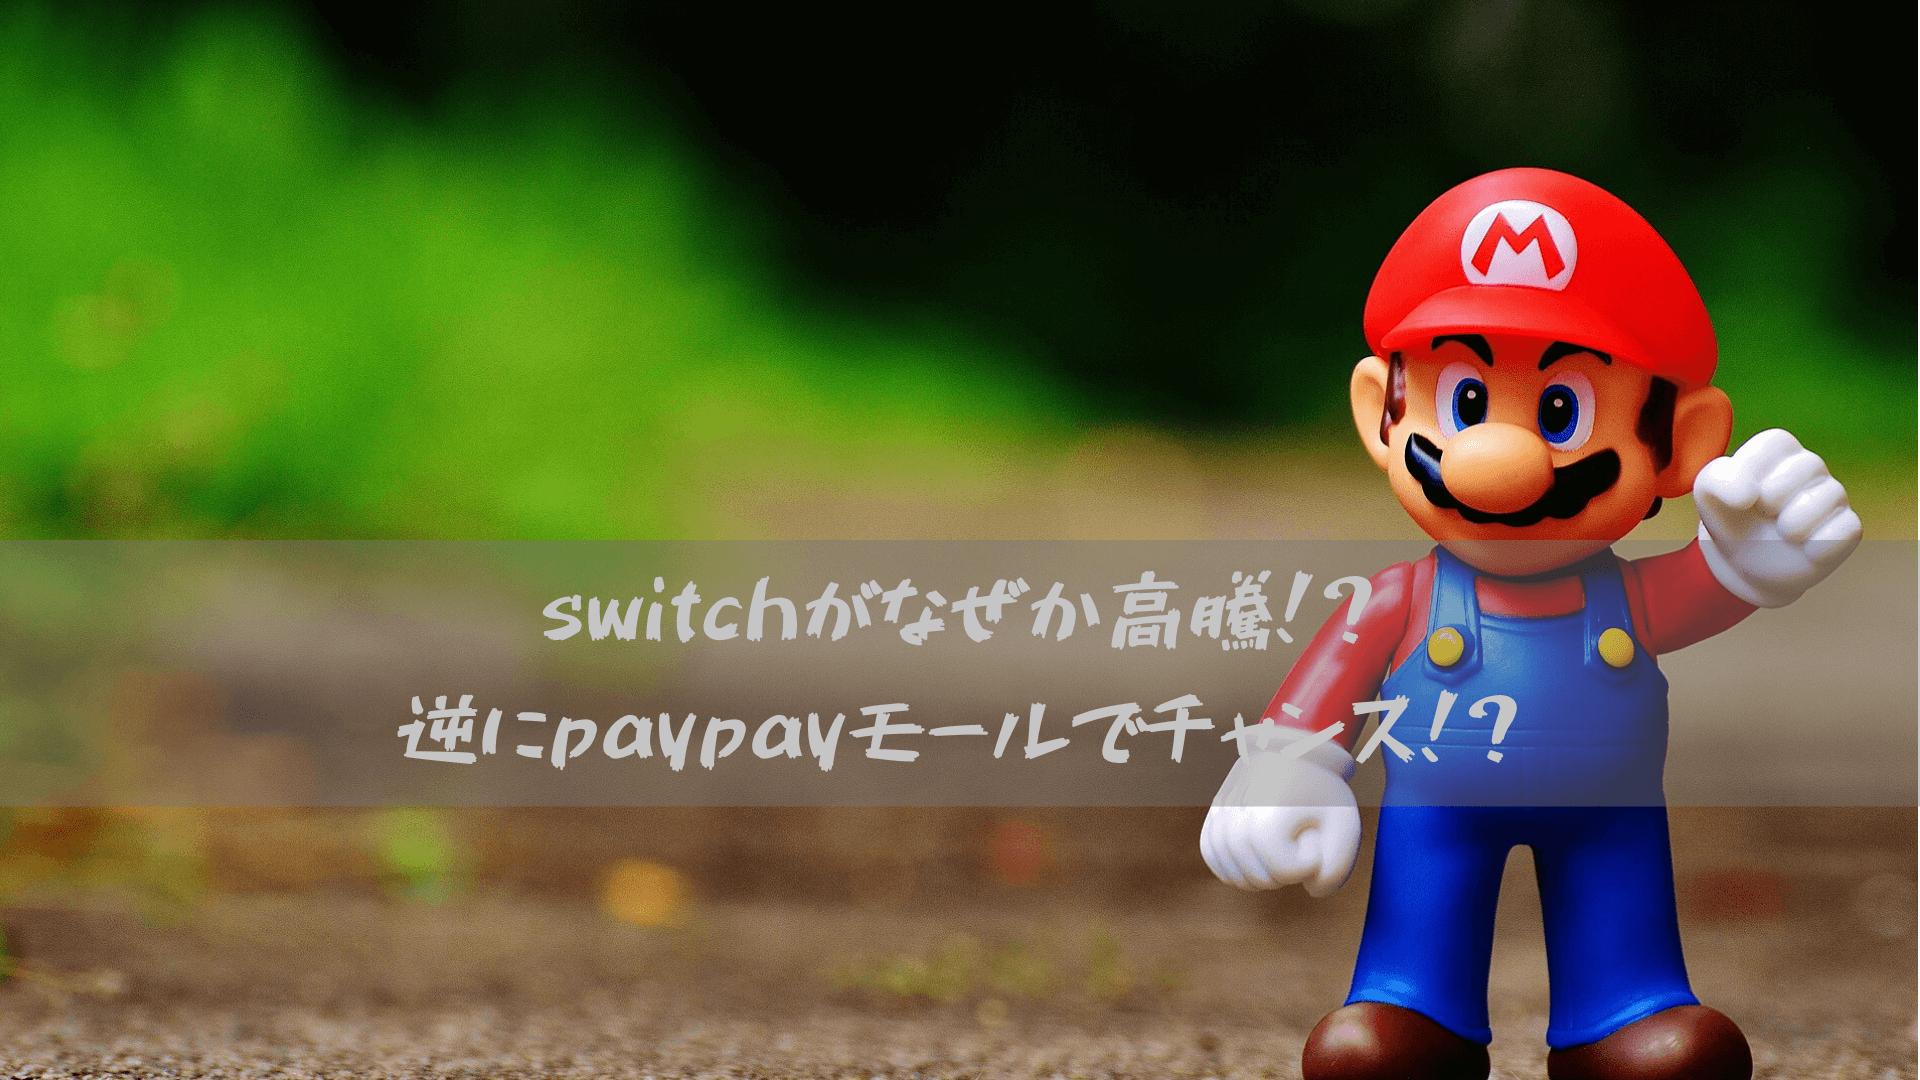 switchがなぜか高騰!?逆にpaypayモールでチャンス!?